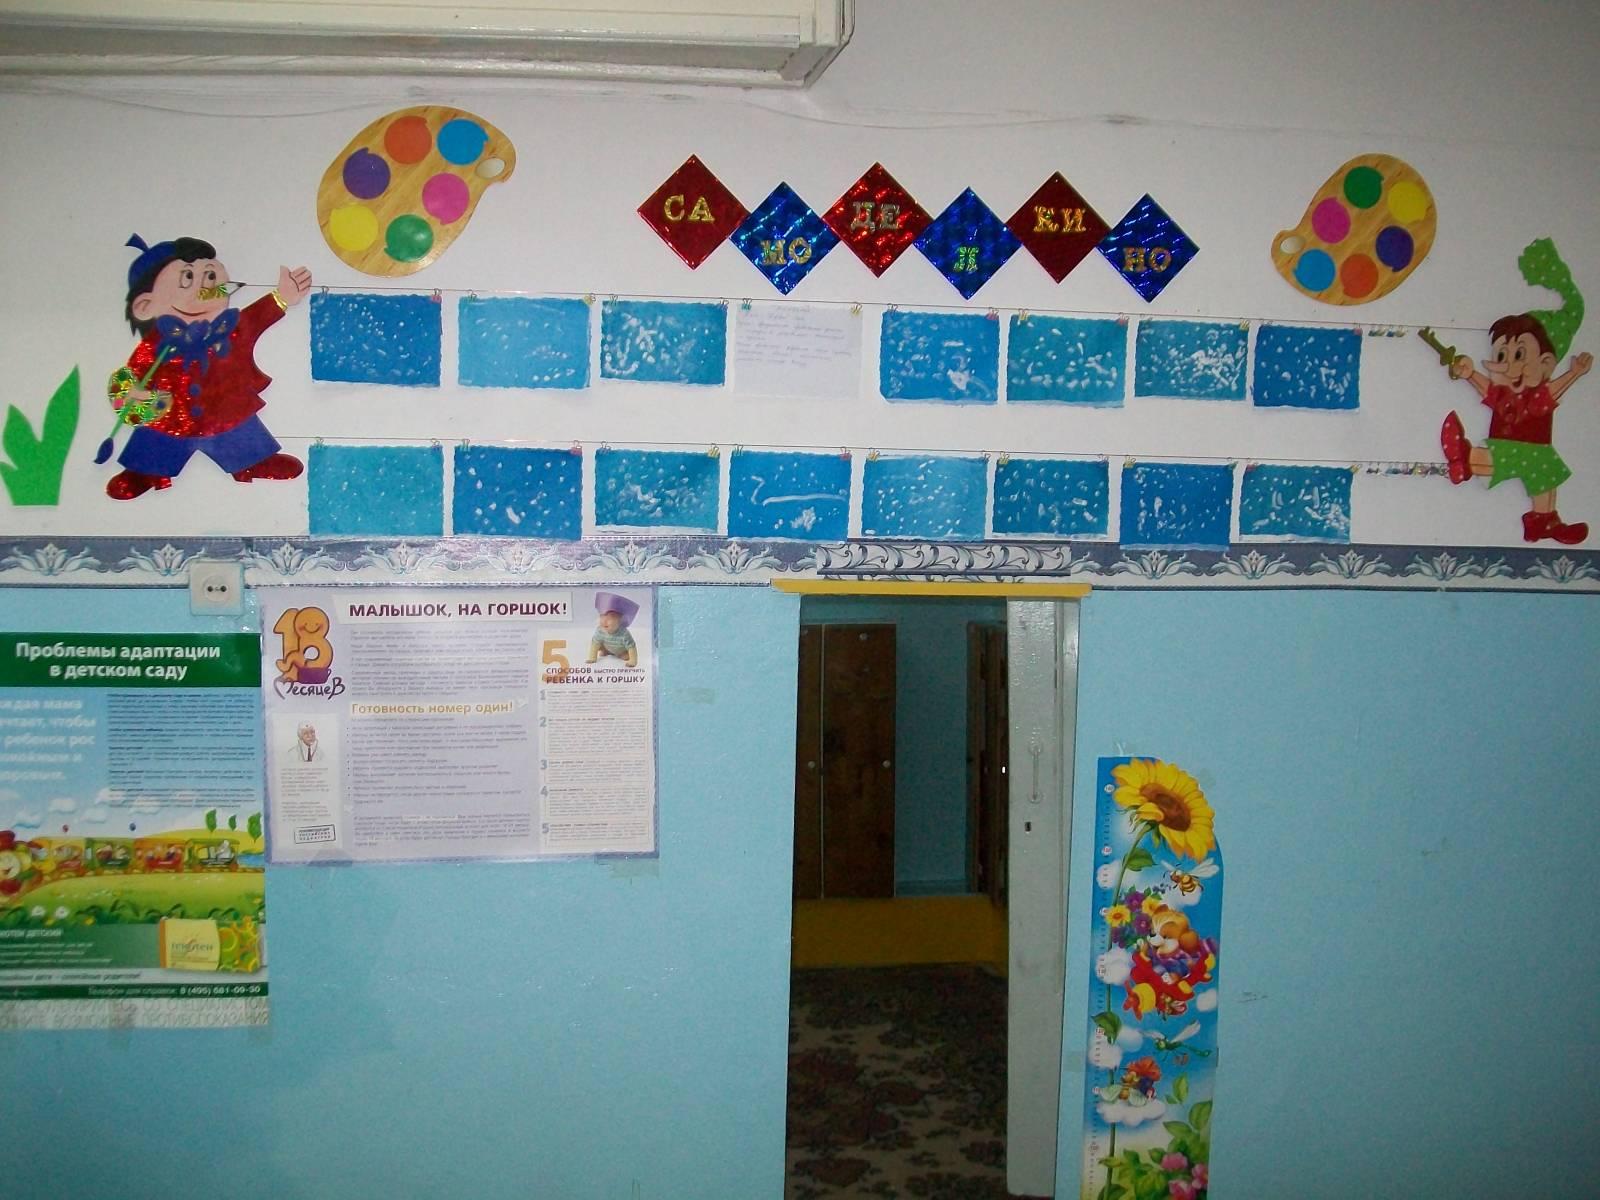 Уголок безопасности в ясельной группе детского сада фото